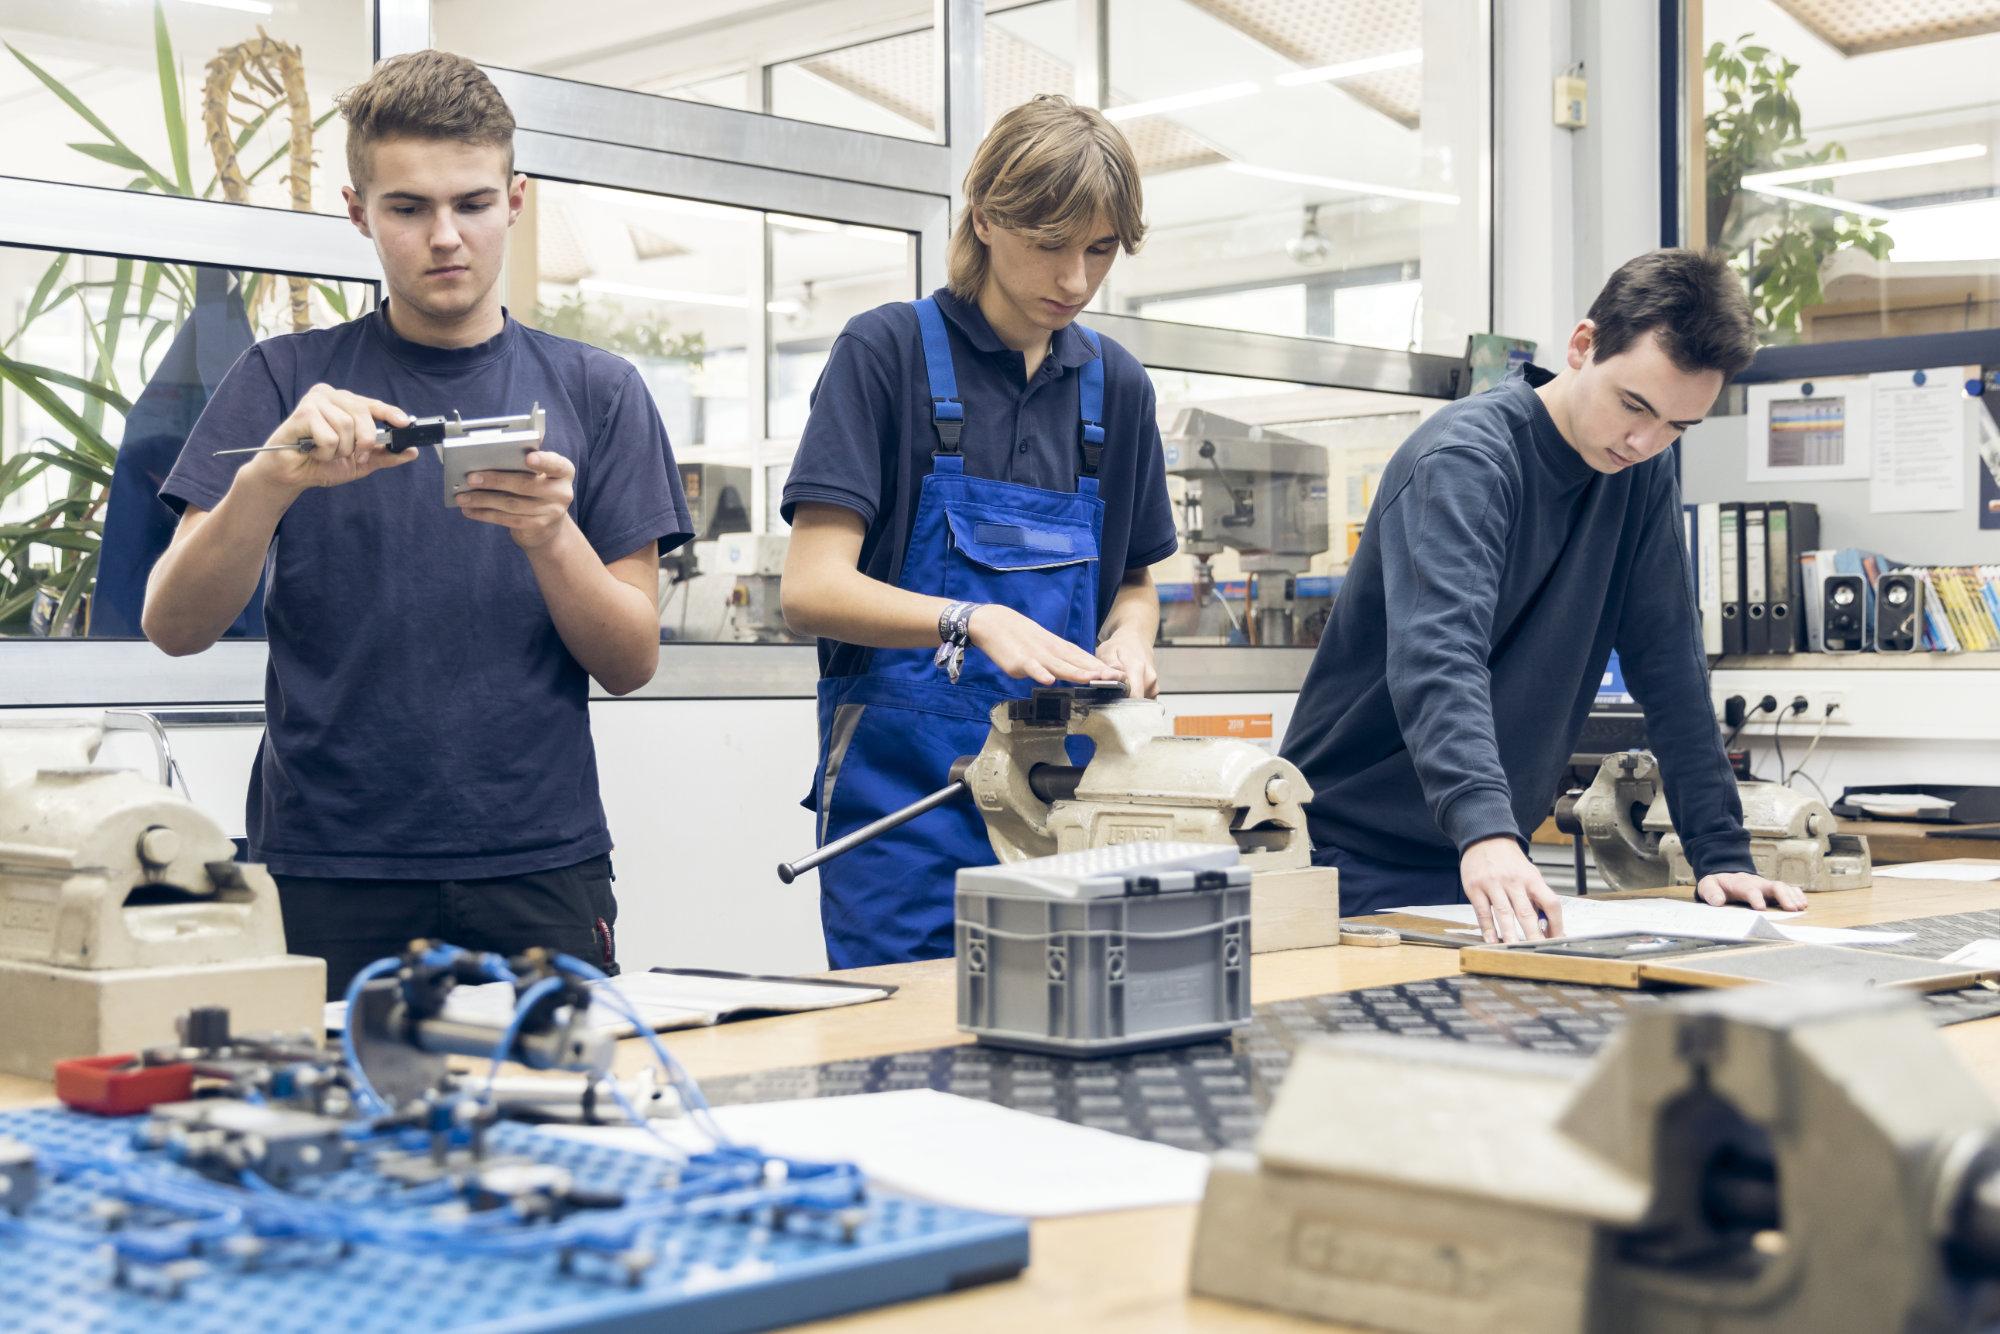 Drei Mey Maschinenbau Prien Azubis in der Werkstatt